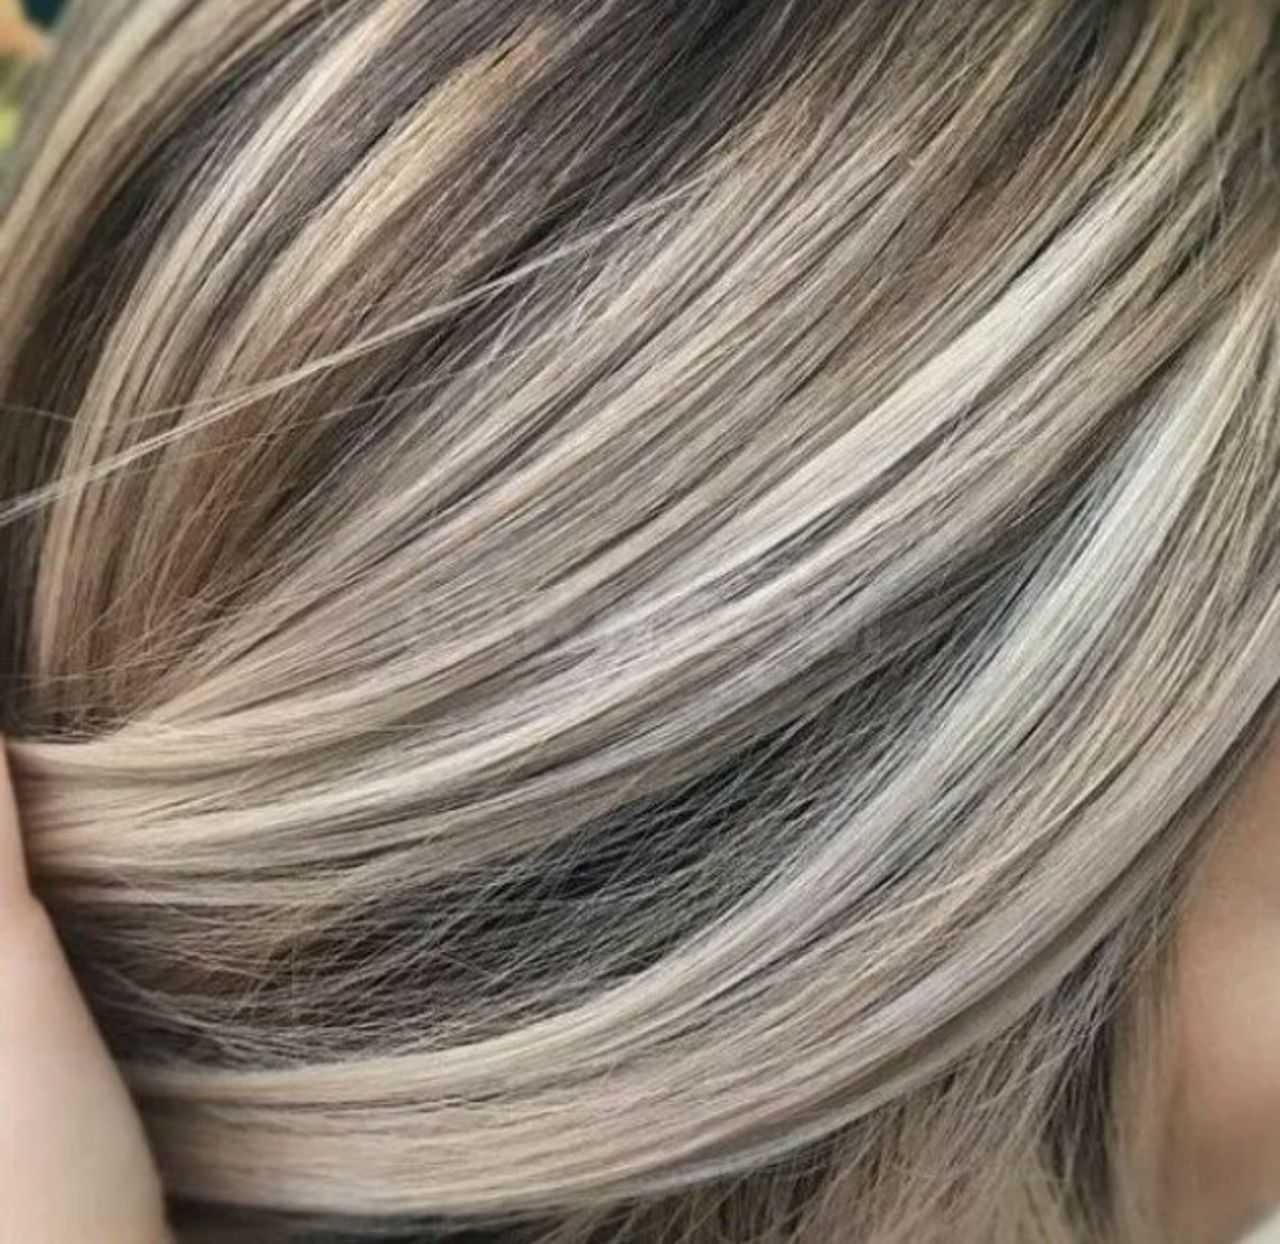 Как выбрать краску для мелирования волос, чтобы использовать в домашних условиях? рейтинг лучших препаратов